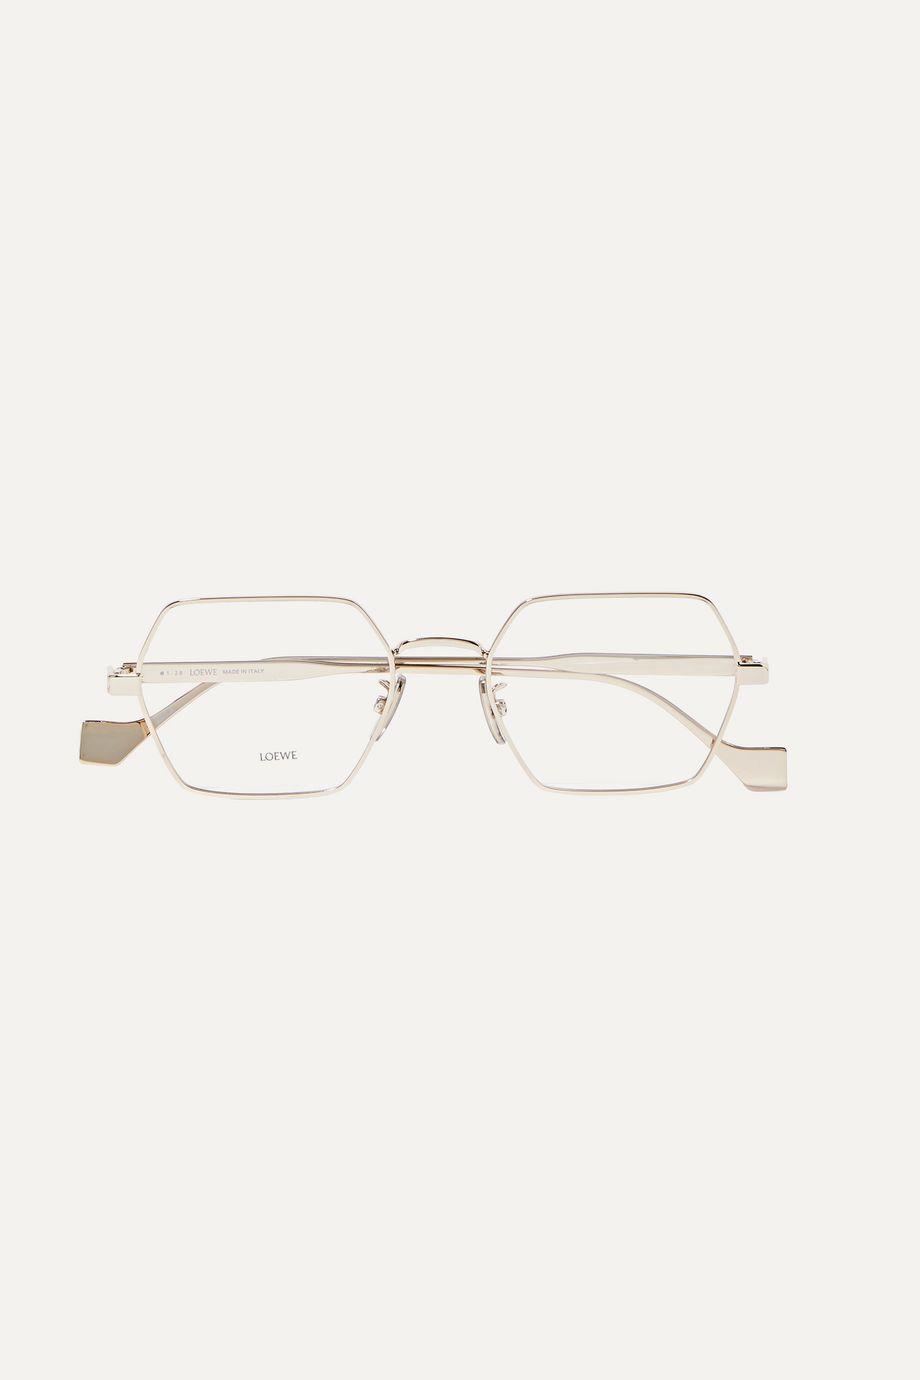 Loewe Hexagon-frame gold-tone optical glasses